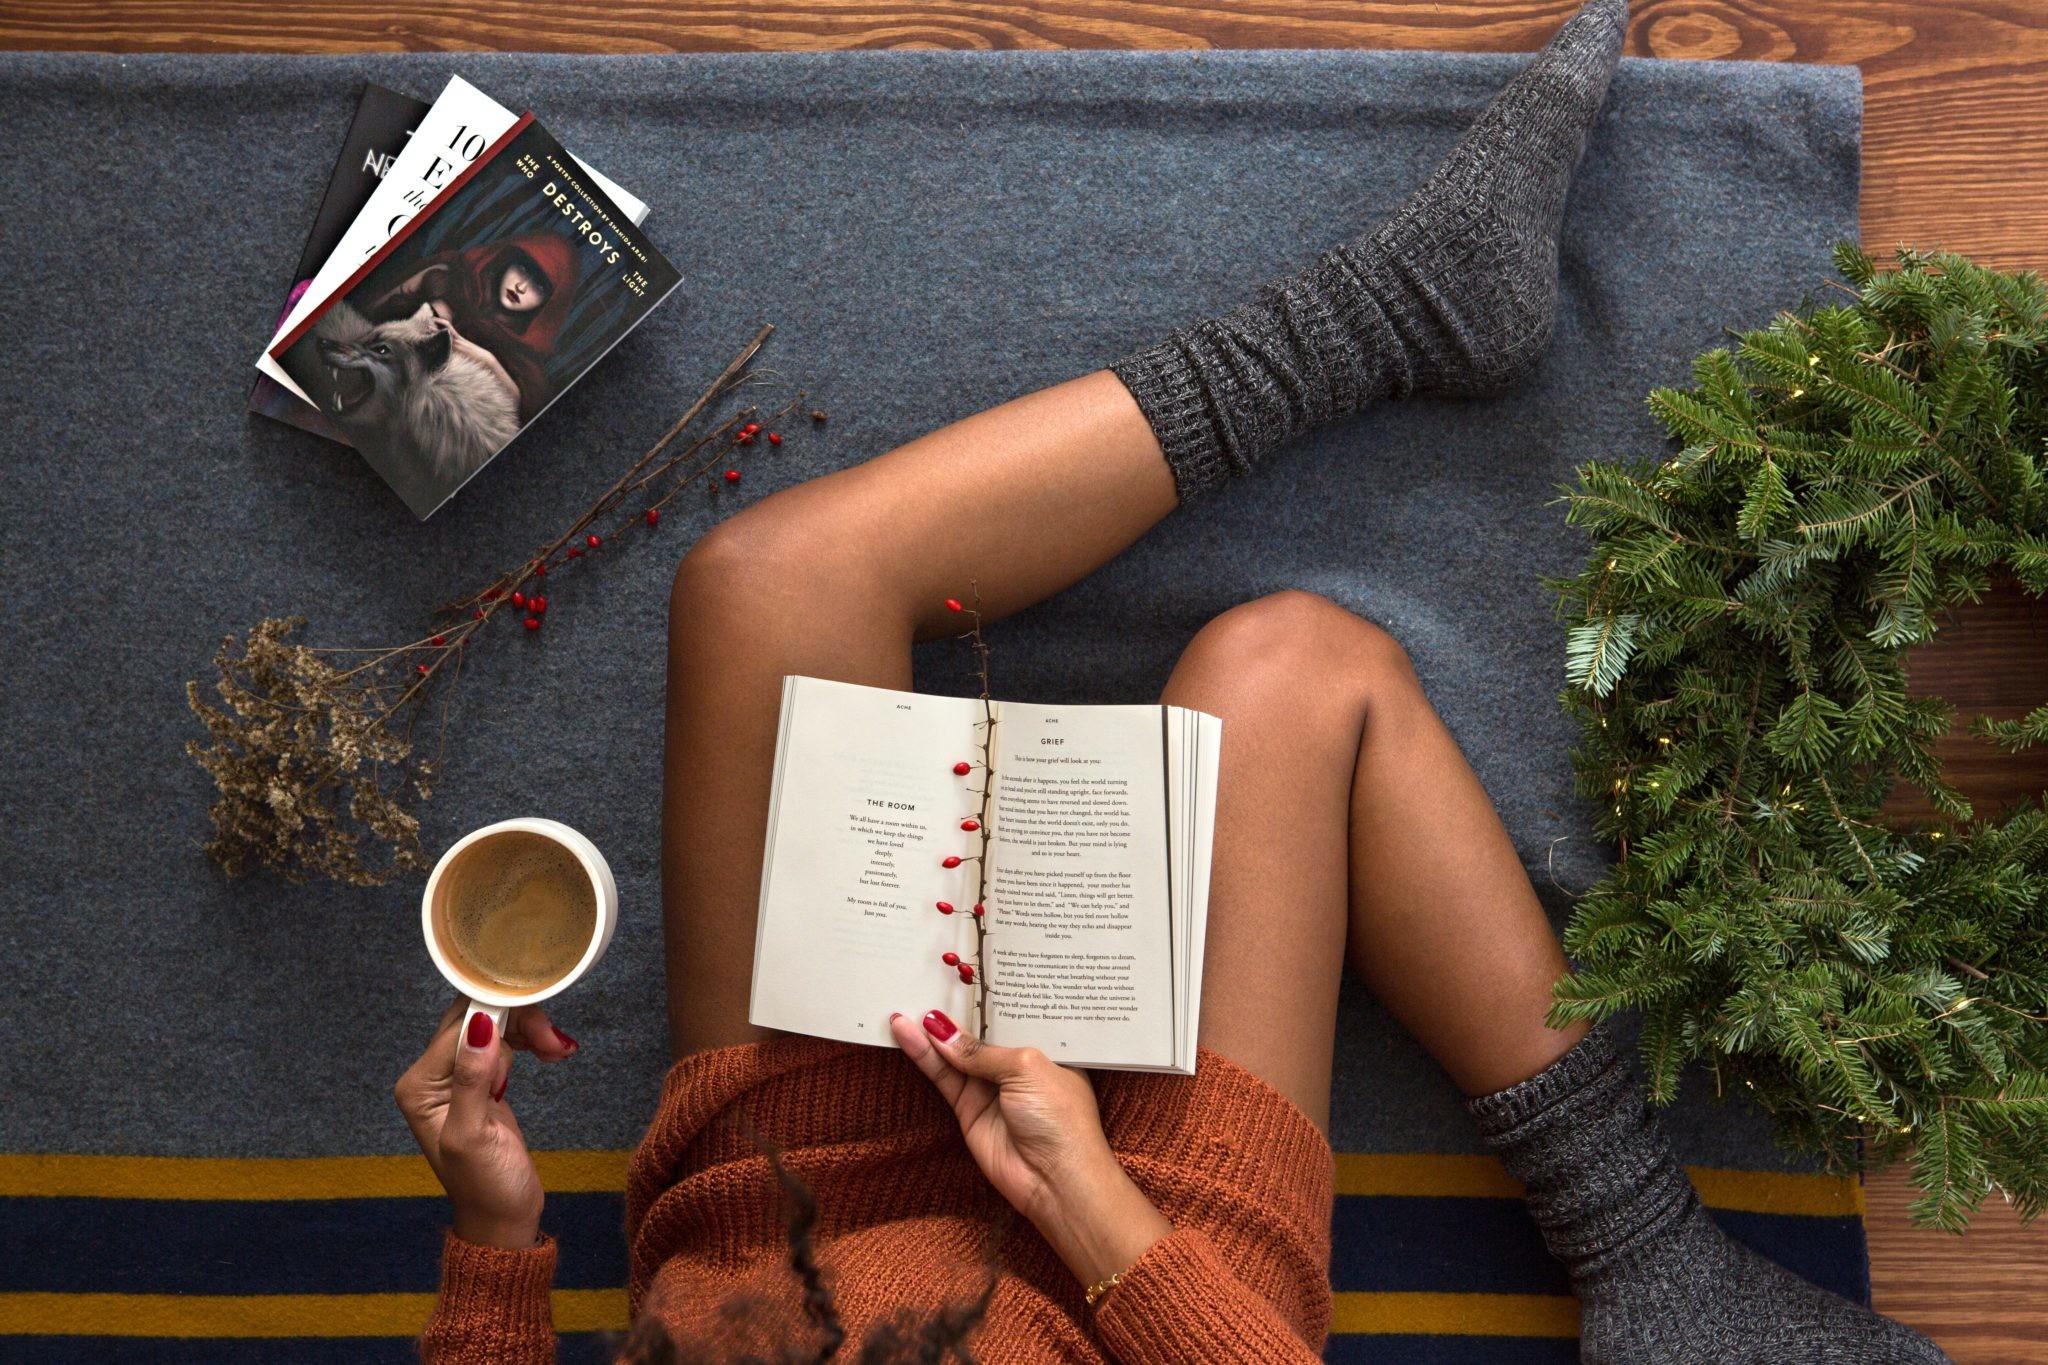 Топ-10 книг, которые должна прочитать каждая женщина